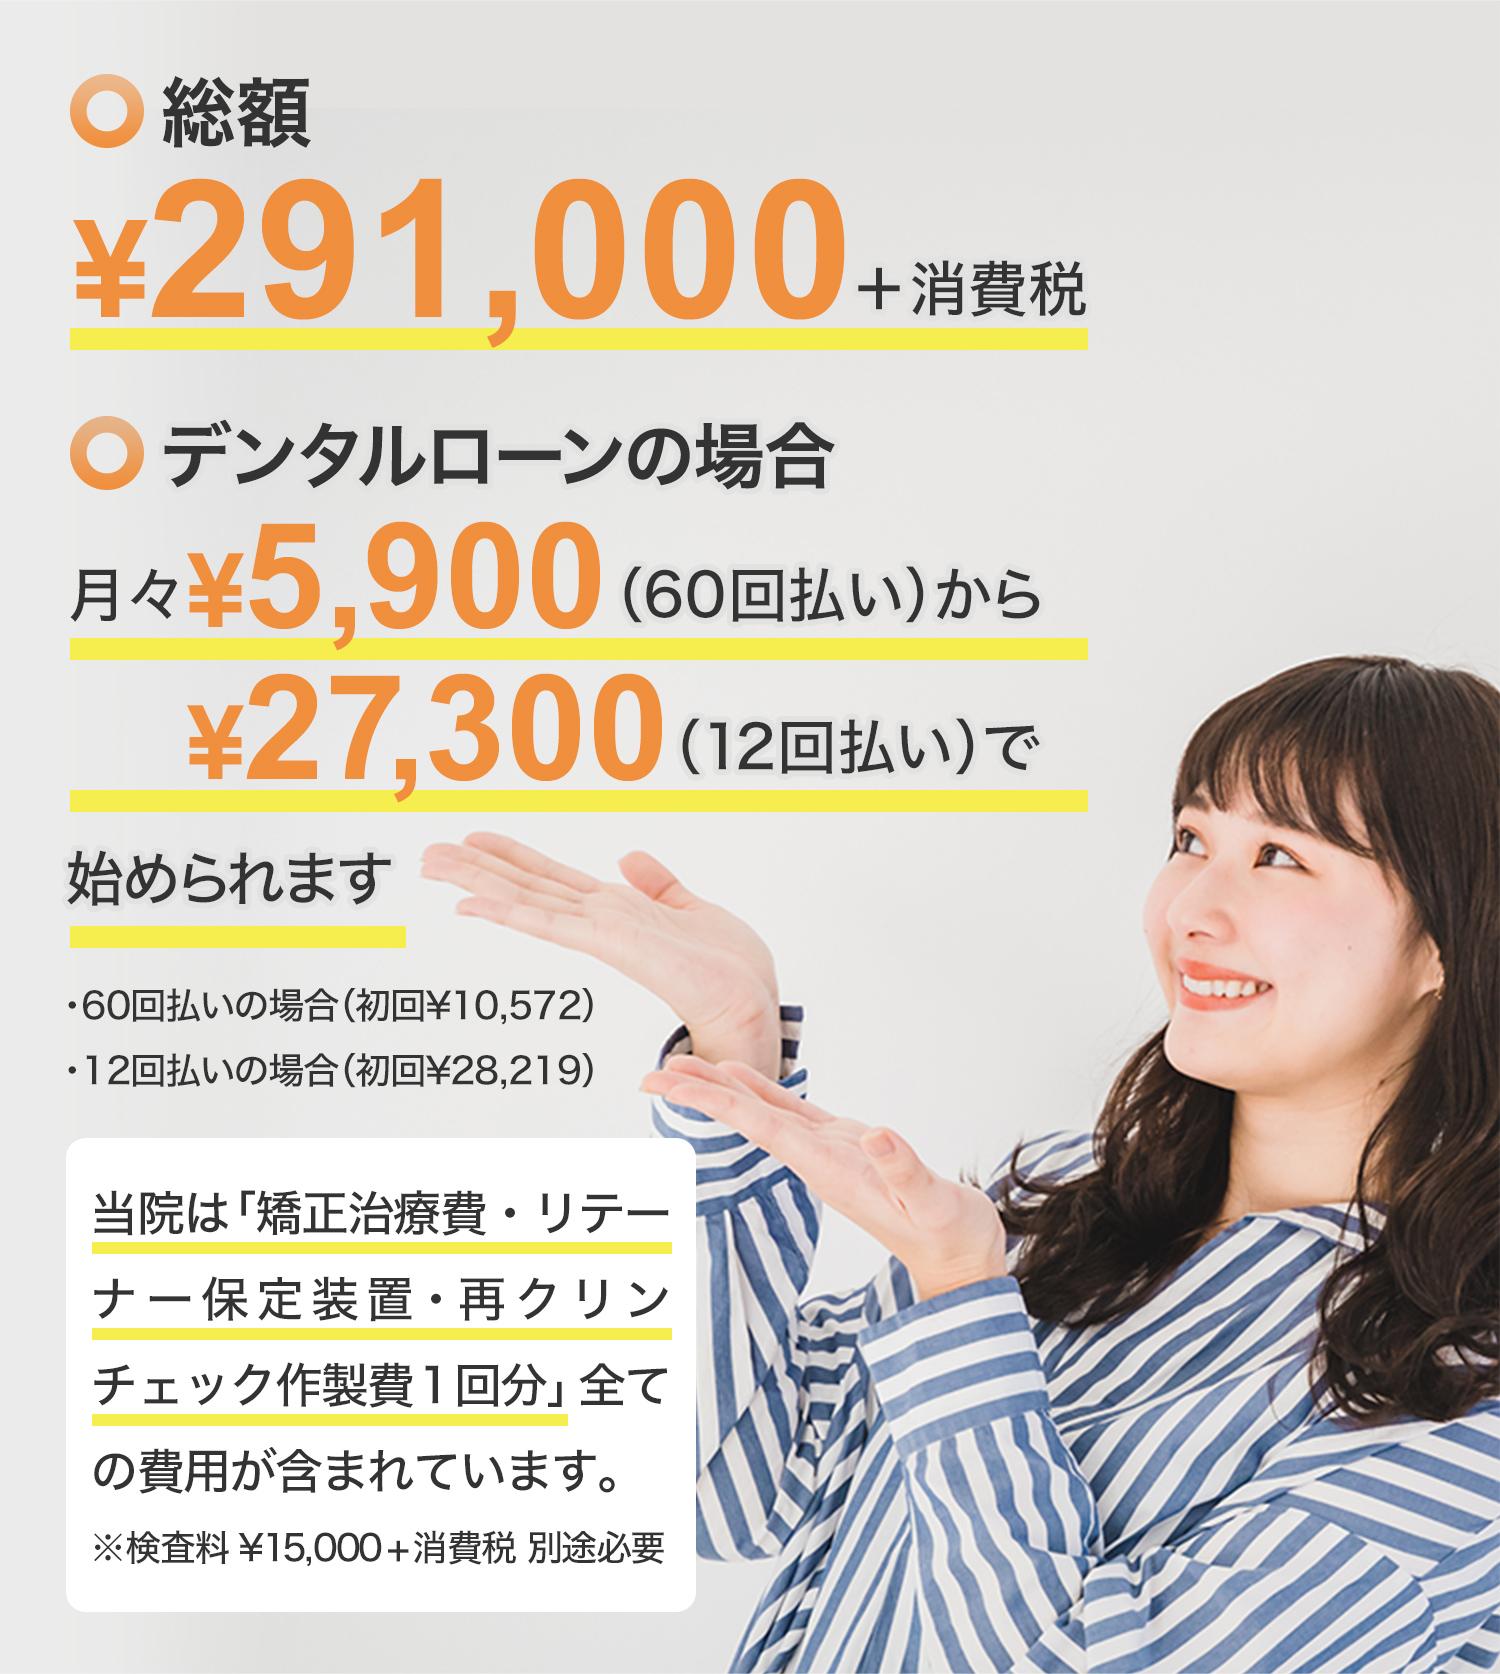 総額 ¥350,000+消費税 デンタルローンの場合 月々¥6,000から始められます(当院は「矯正治療費・リテーナー保定装置・再クリンチェック作製費1回分」全ての費用が含まれています。)※検査料¥15,000(税別)別途必要